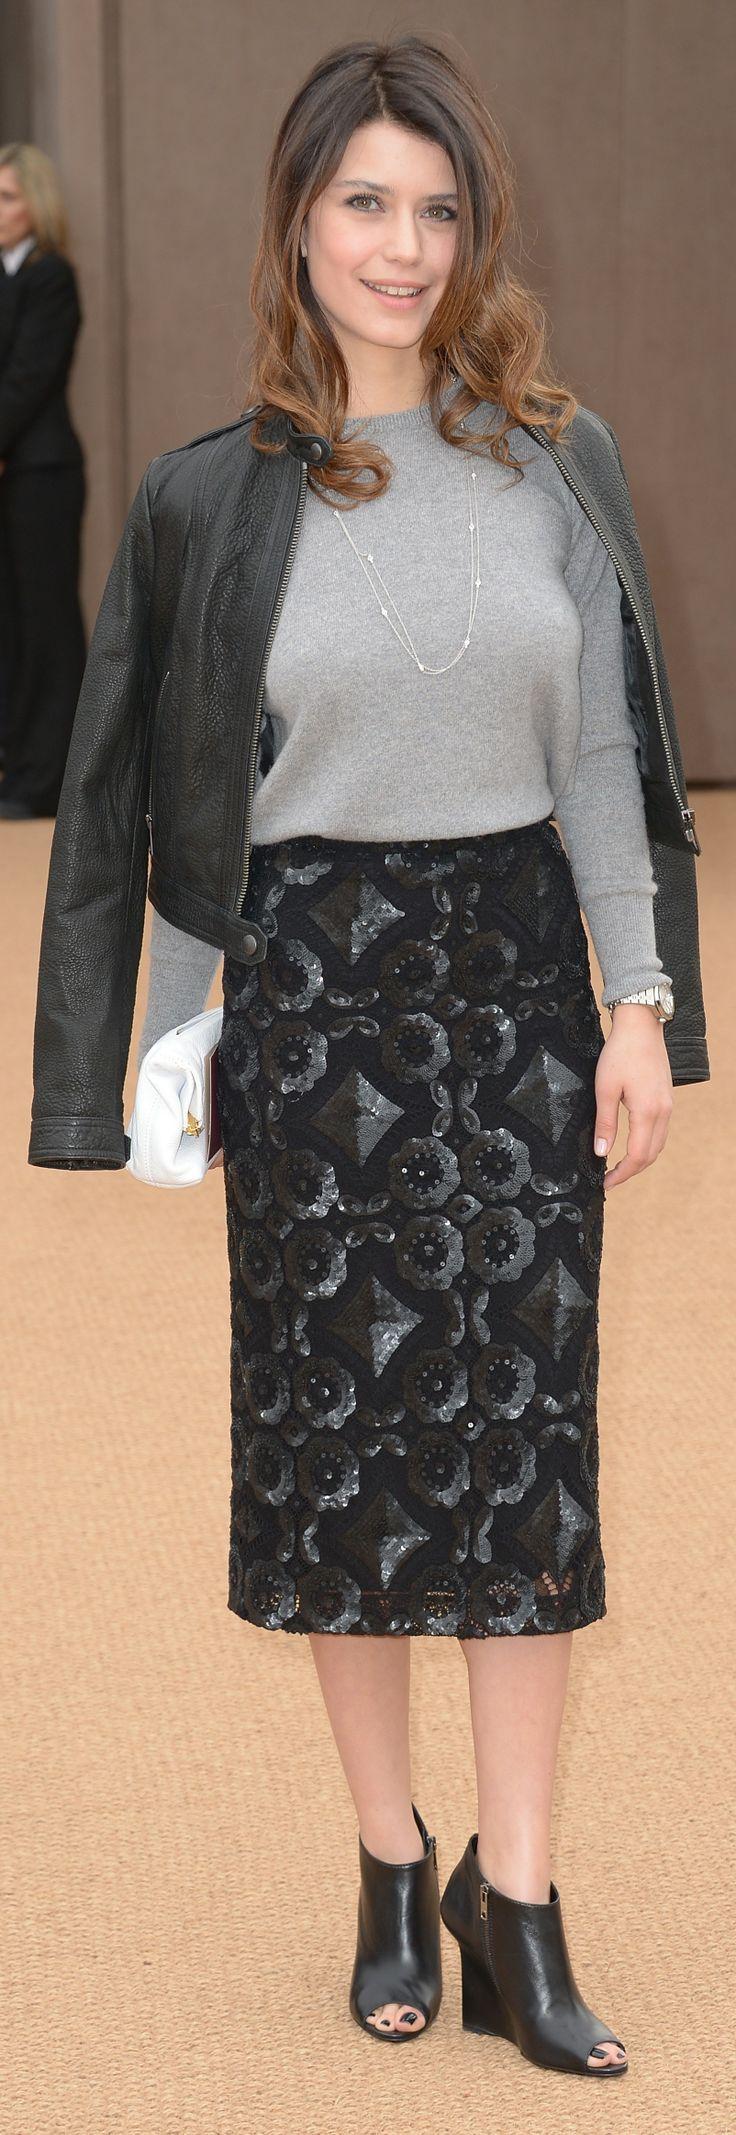 Turkish actress Beren Saat wearing Burberry and The Petal bag at ...